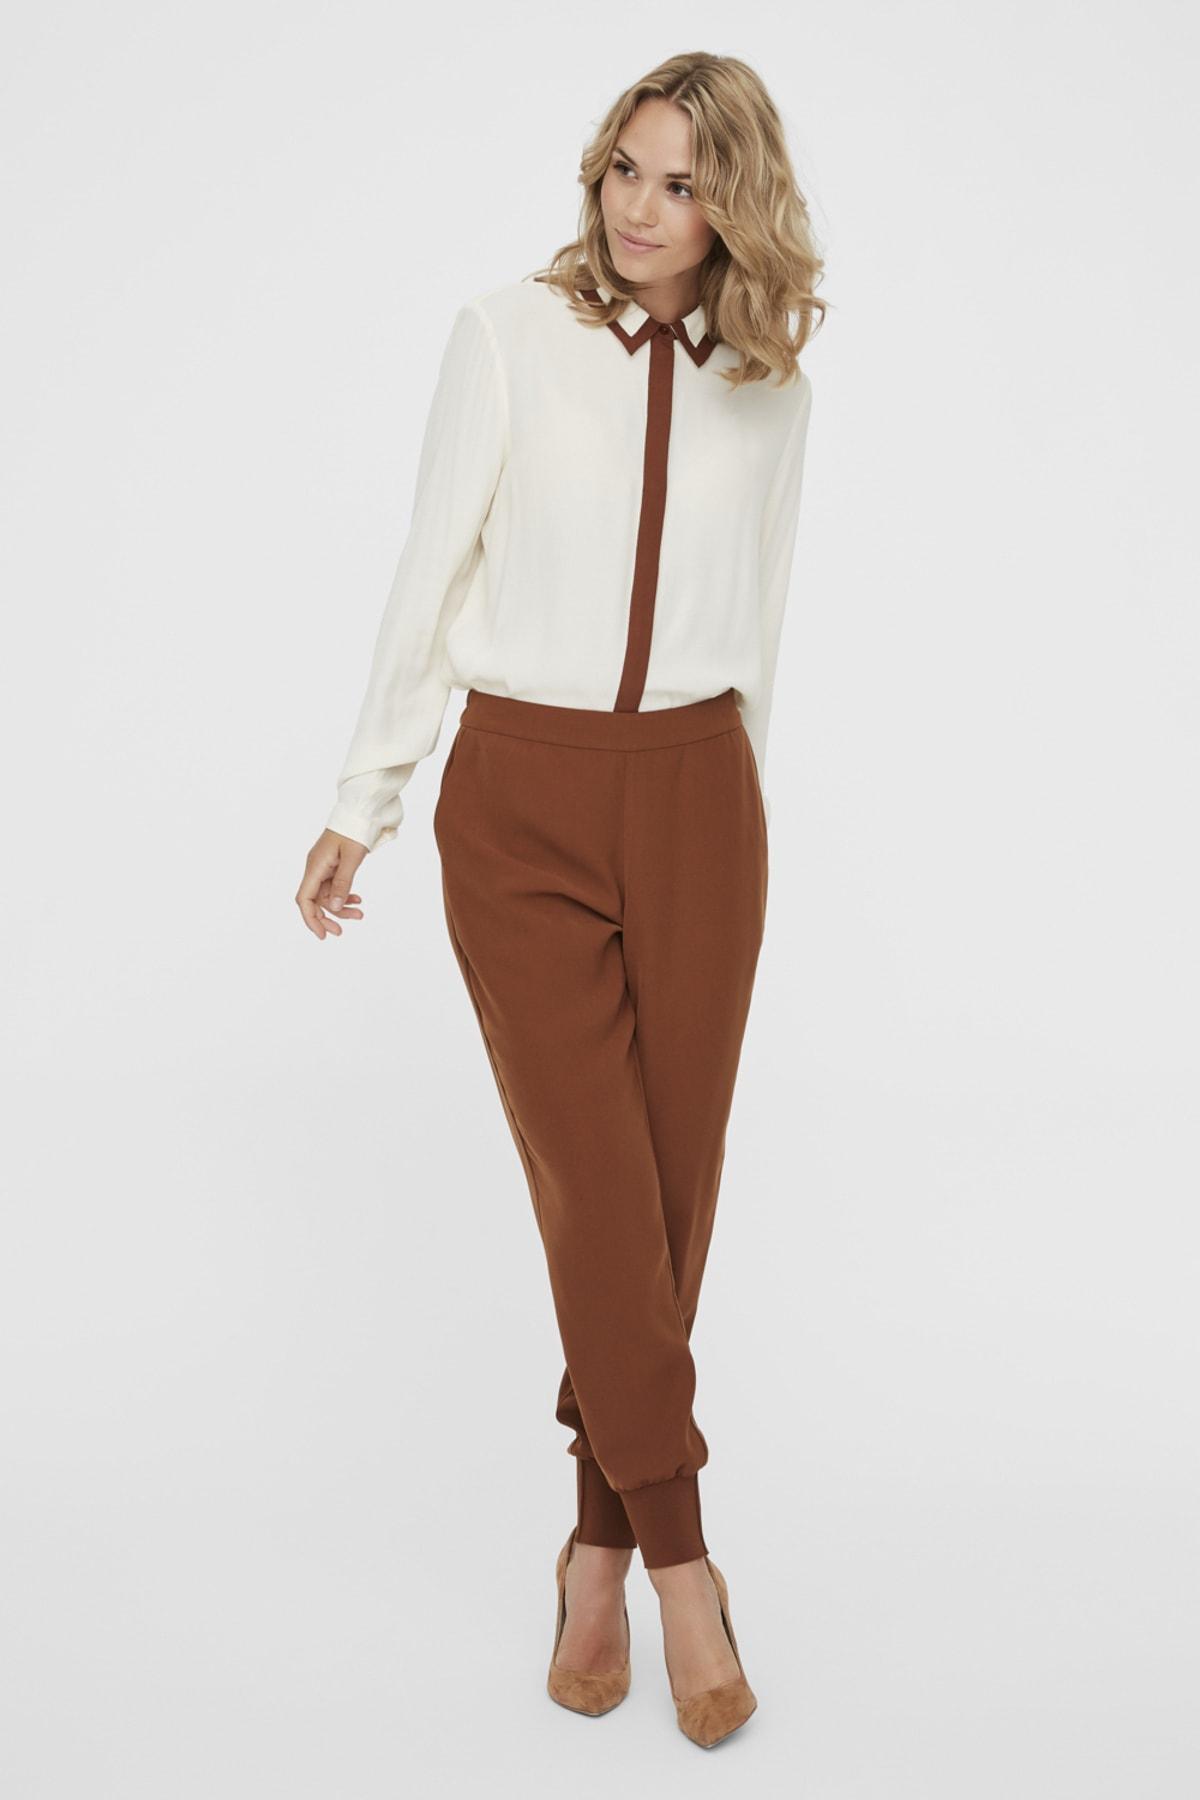 Vero Moda Kadın Tarçın Paçası Kalın Ribanalı Beli Lastikli Pantolon 10222221 VMJOLLY 1